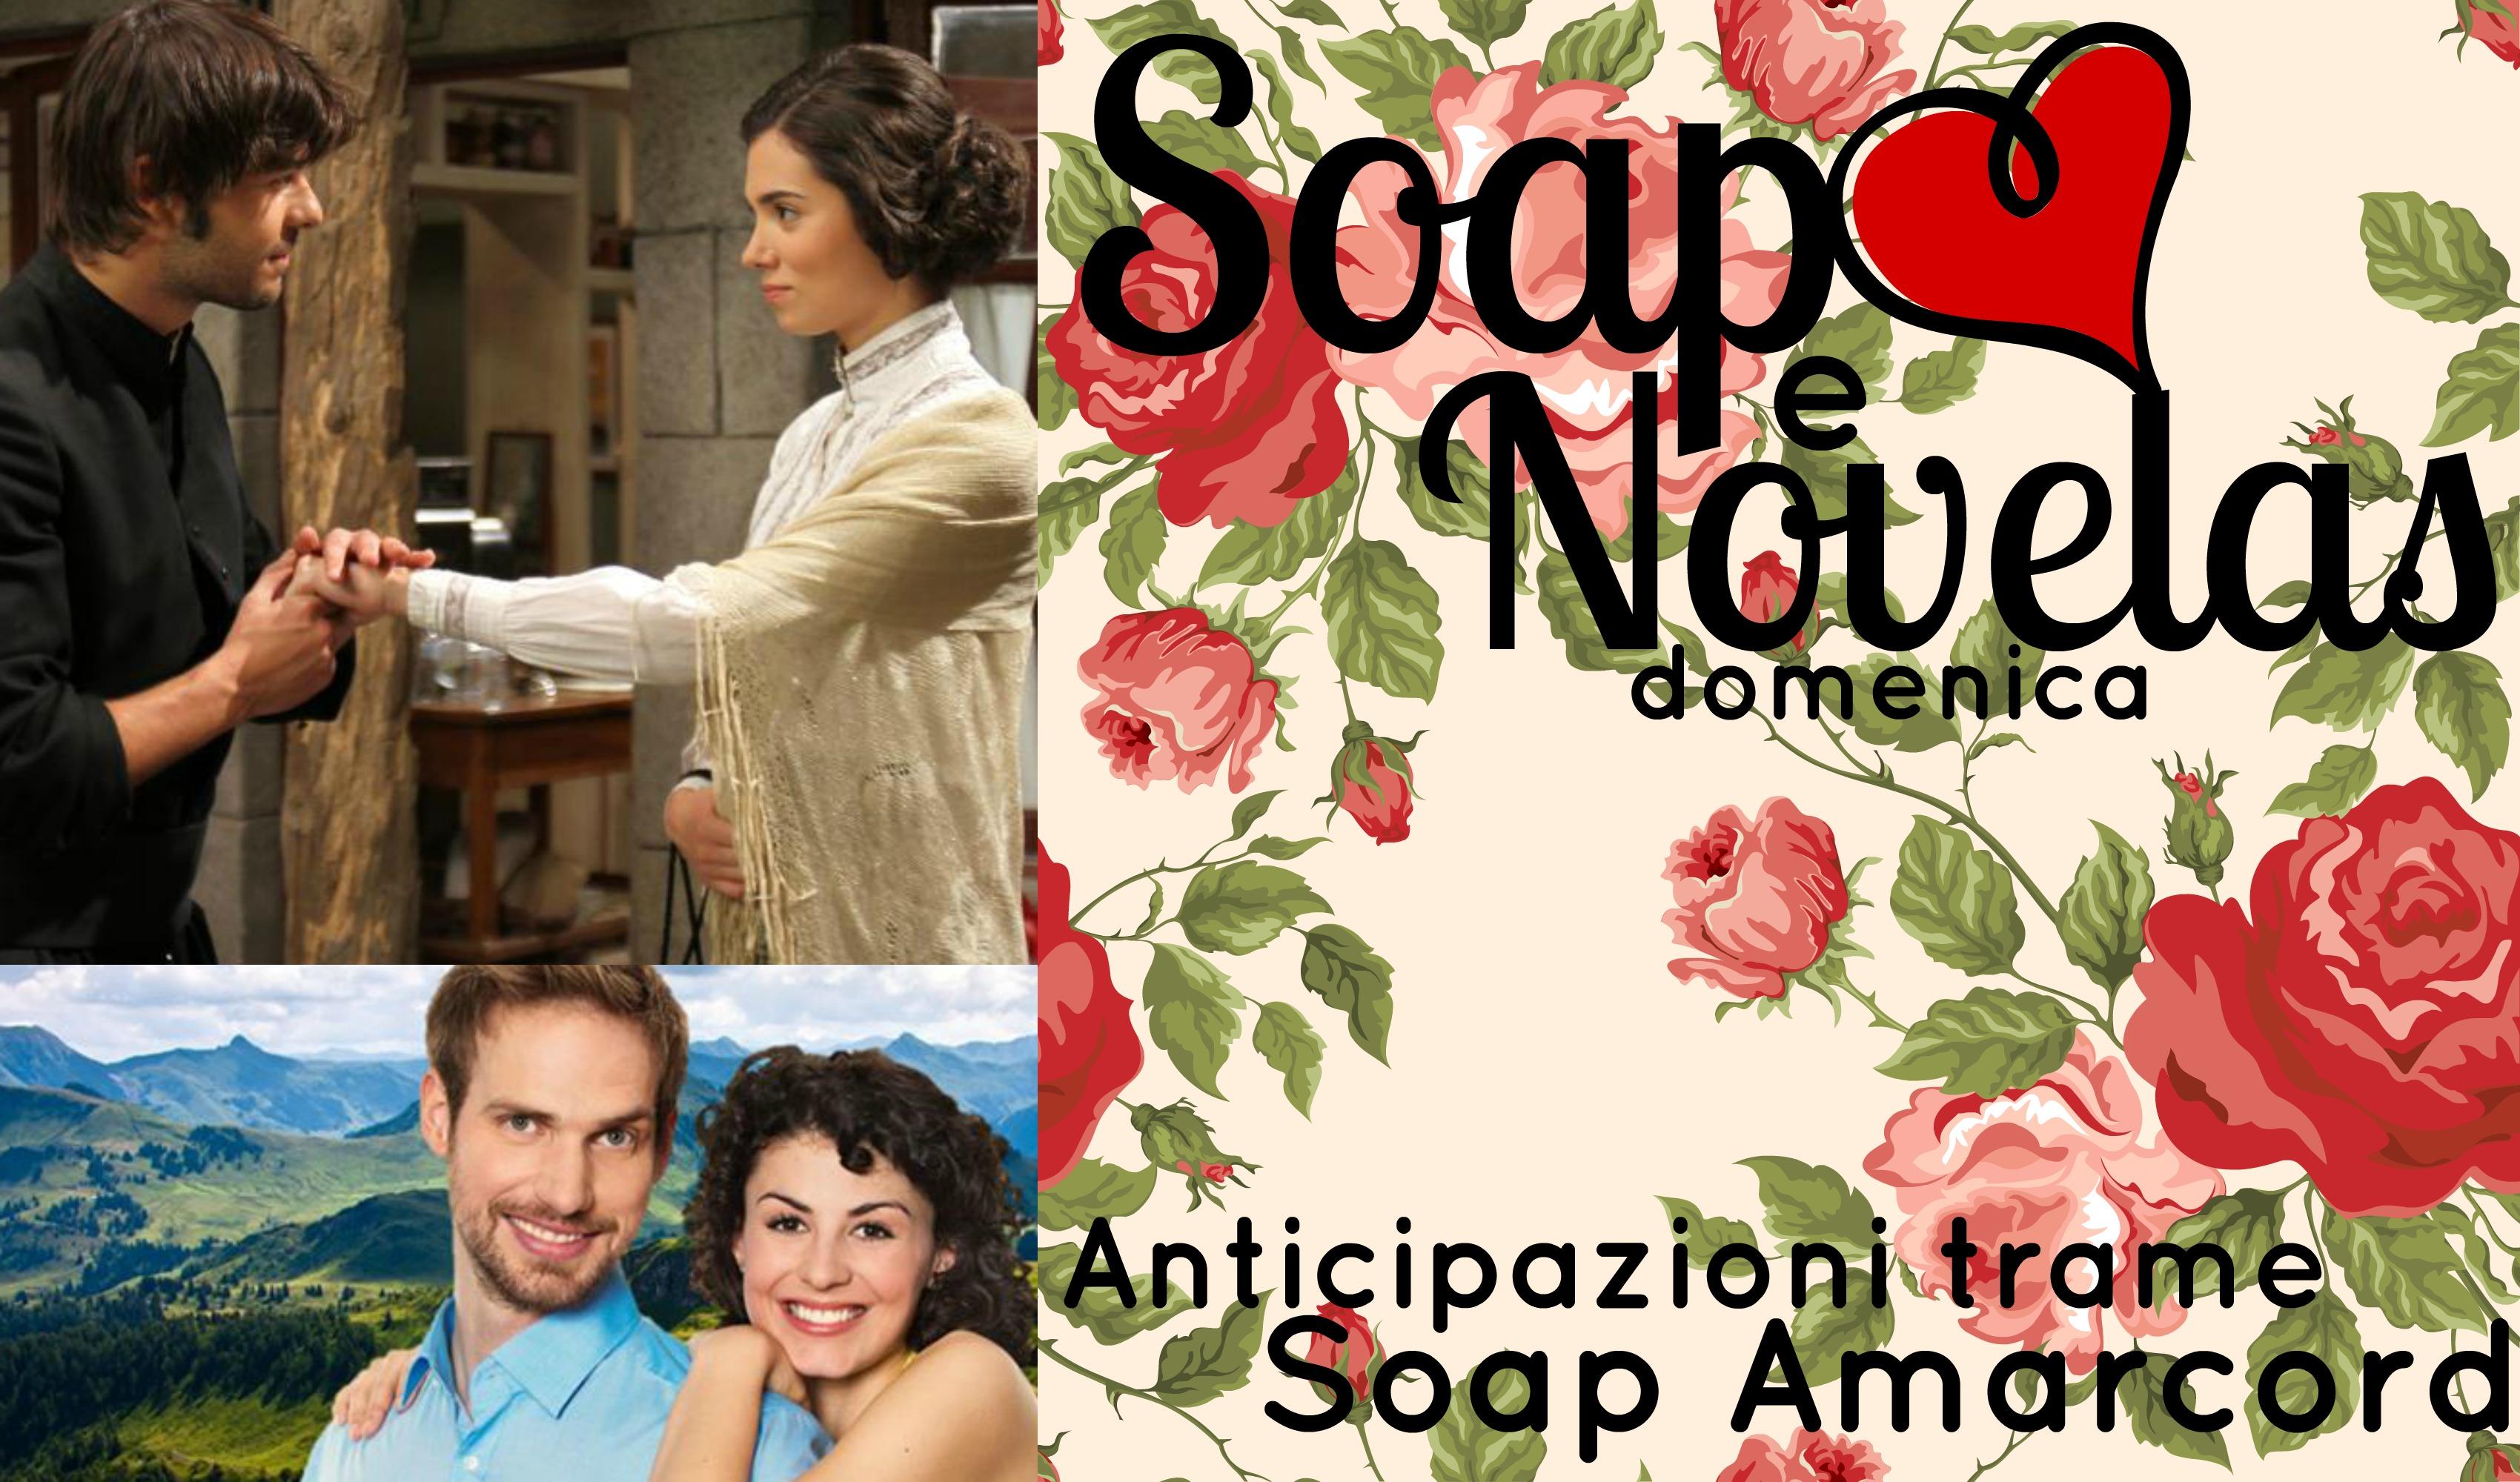 SOAP&NOVELAS ANTICIPAZIONI TRAME 30 NOVEMBRE-6 DICEMBRE 2014: IL SEGRETO, TEMPESTA D'AMORE | LA SOAP DEI LETTORI: ANACONDA